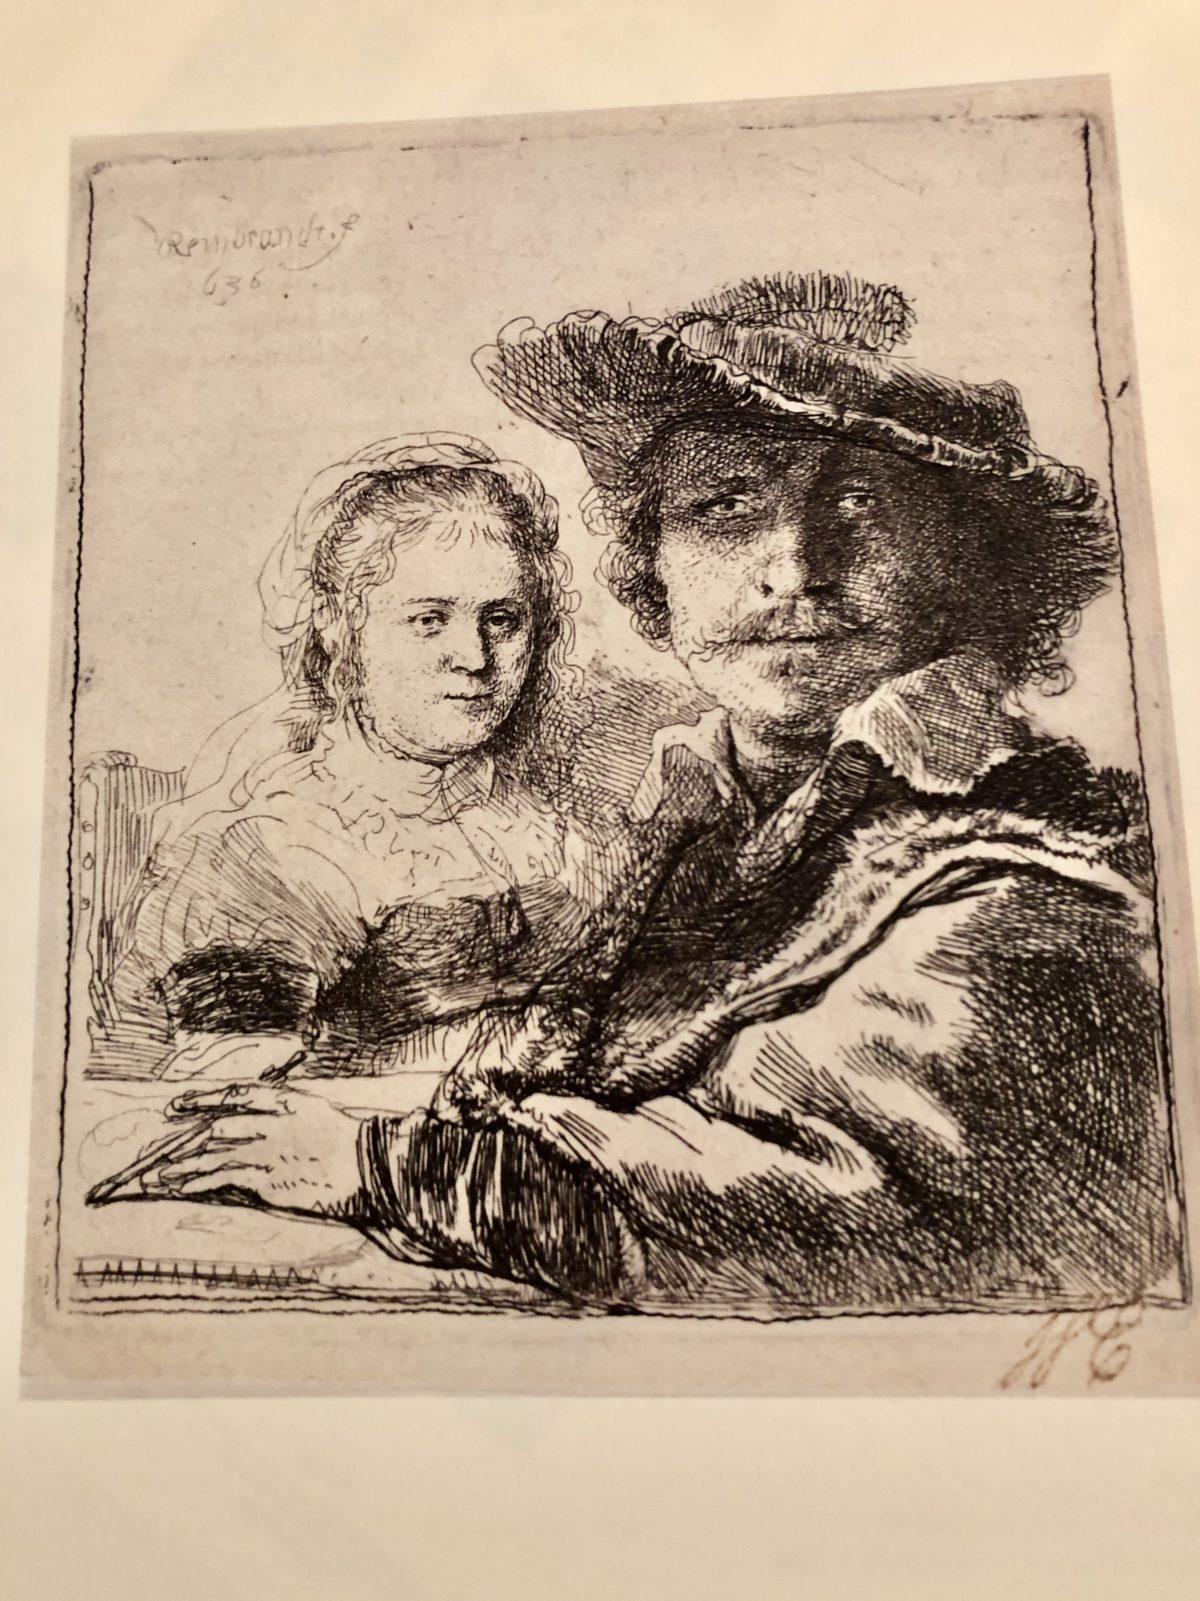 portrait de Rembrandt et de sa femme Saskia